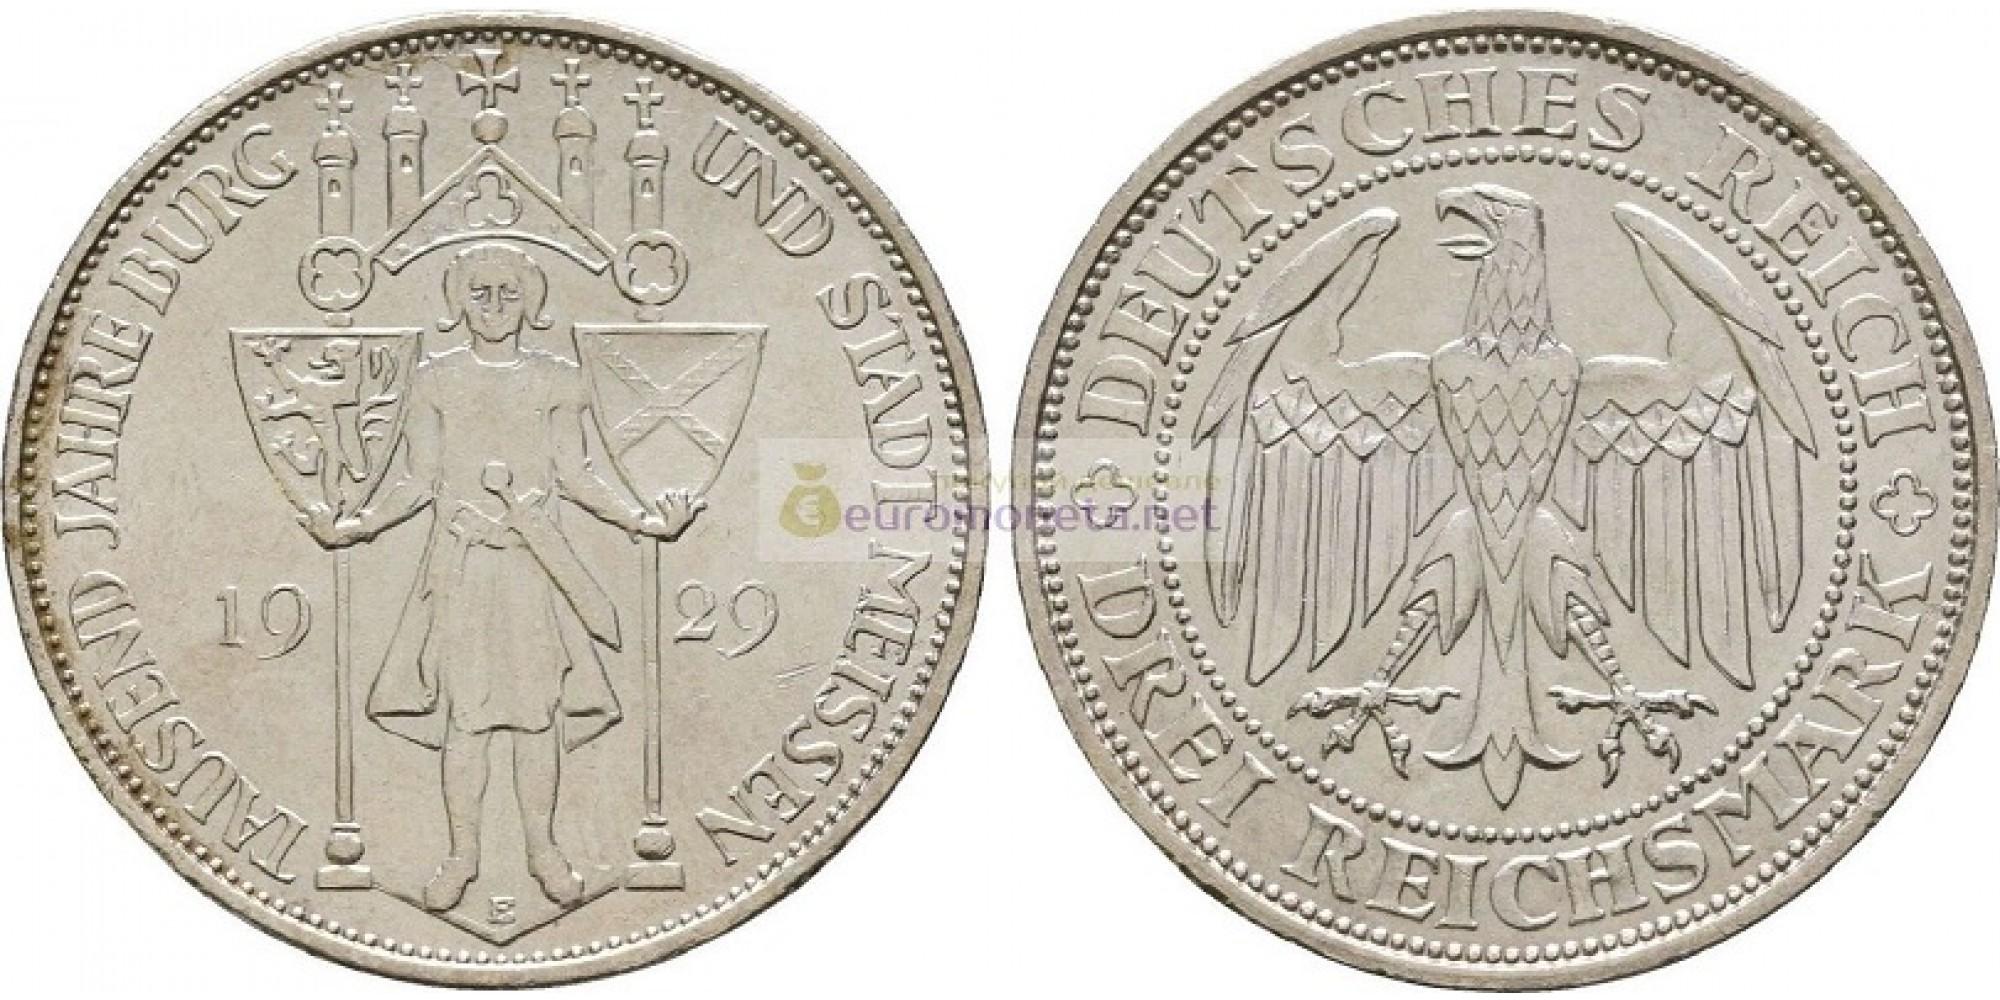 Германия Веймарская республика 3 рейхсмарки, 1929 год 1000 лет Мейсену. Серебро. UNC / АЦ